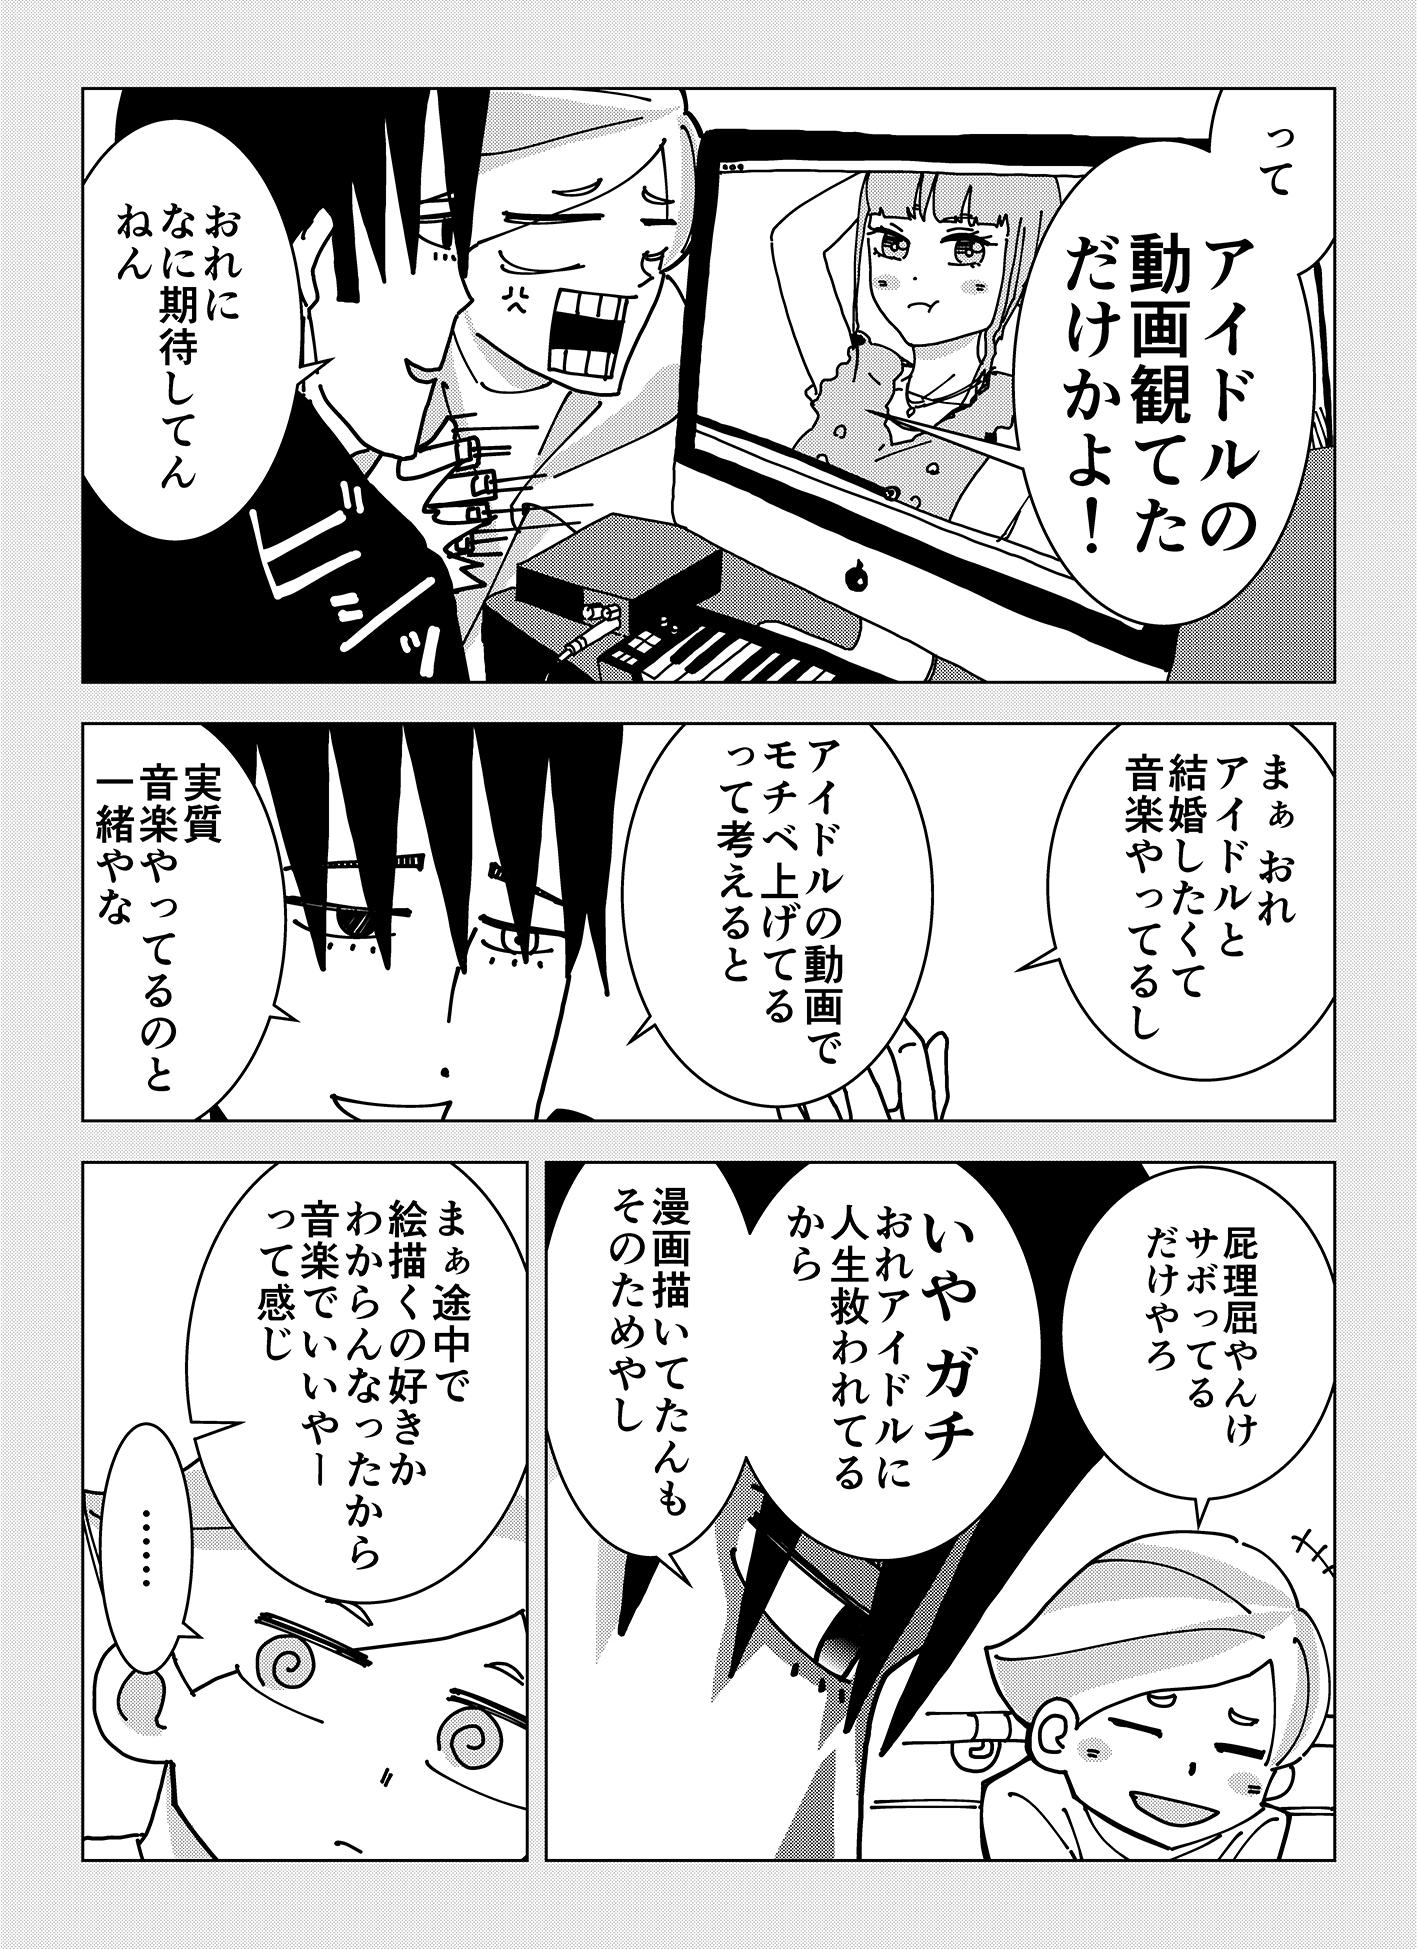 share05_006